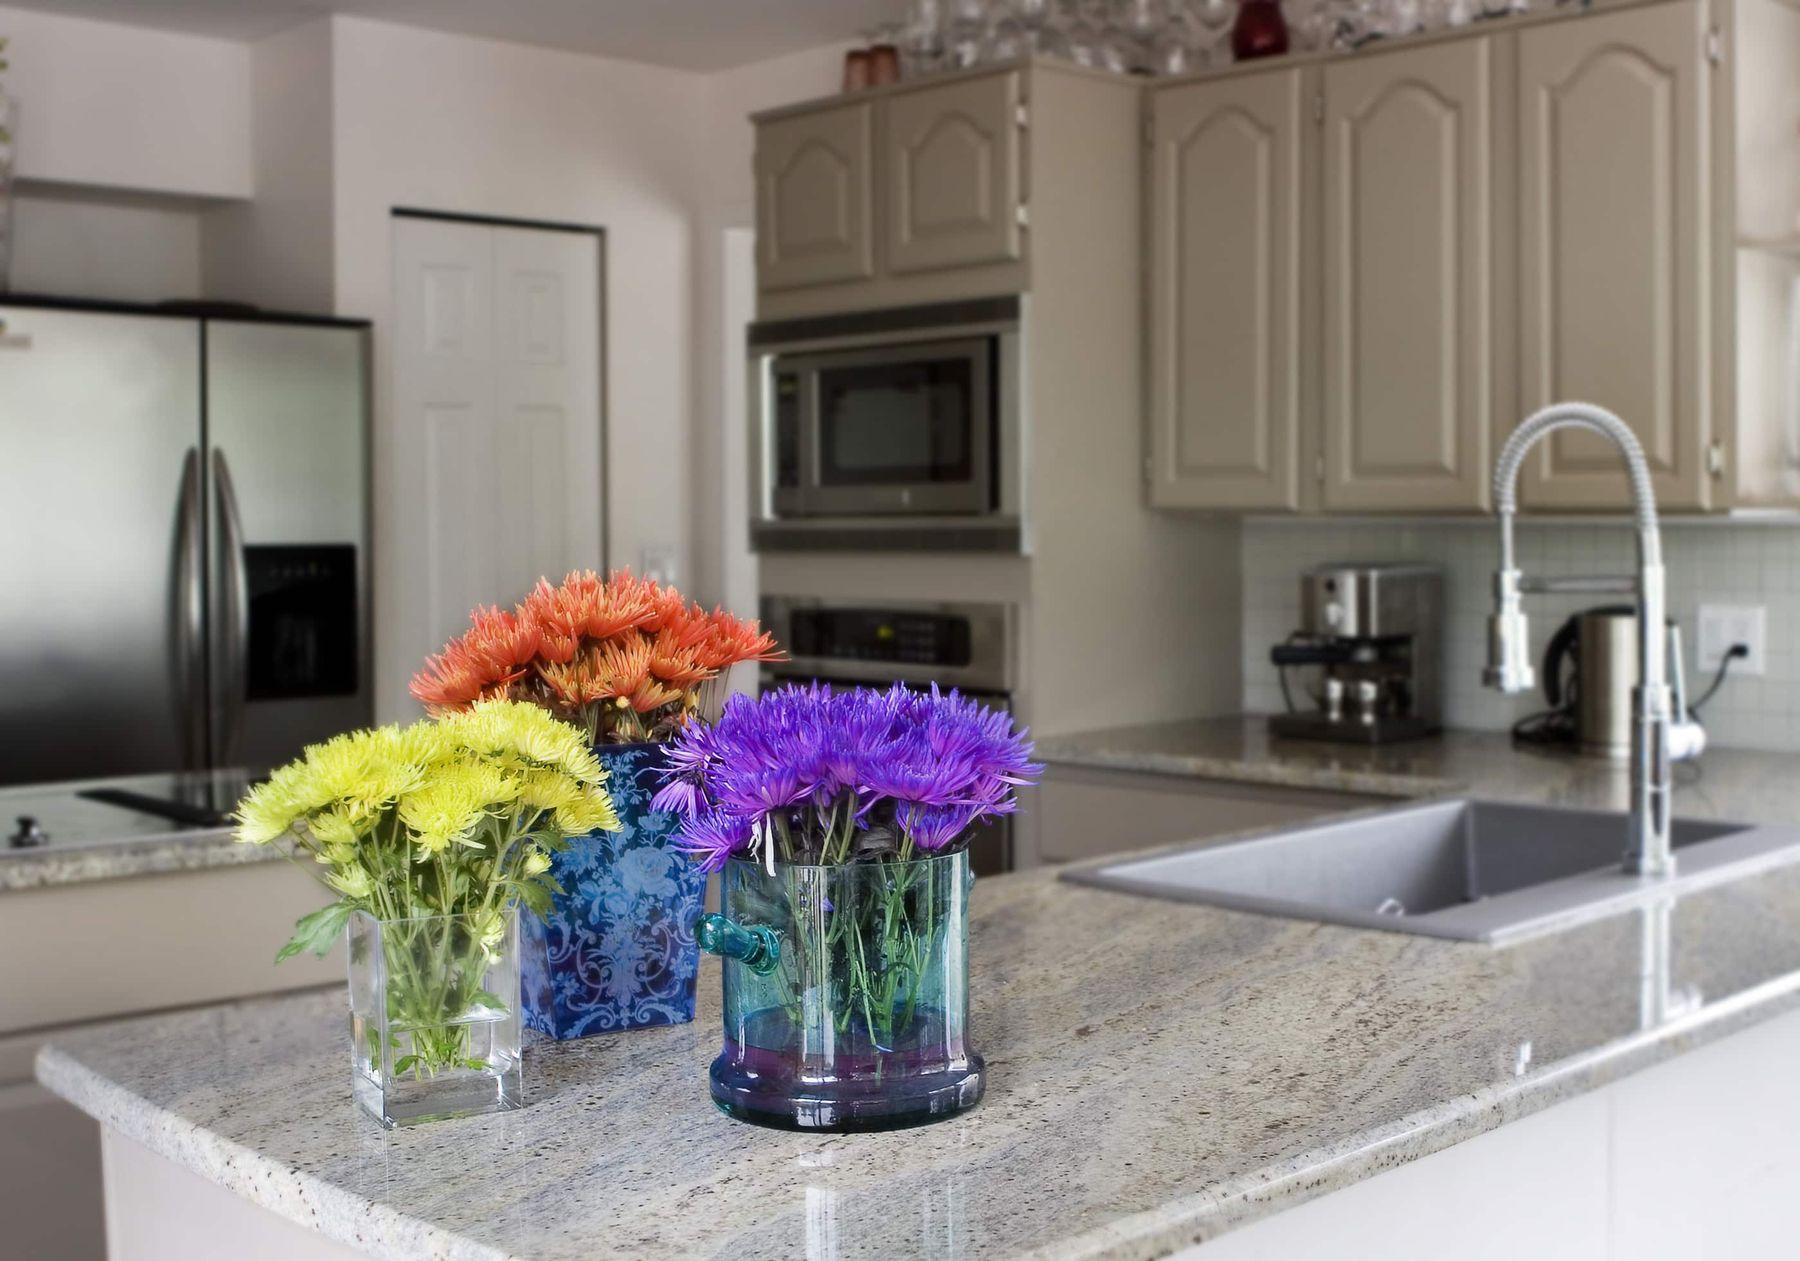 Trang trí nhà bếp bằng hoa tươi